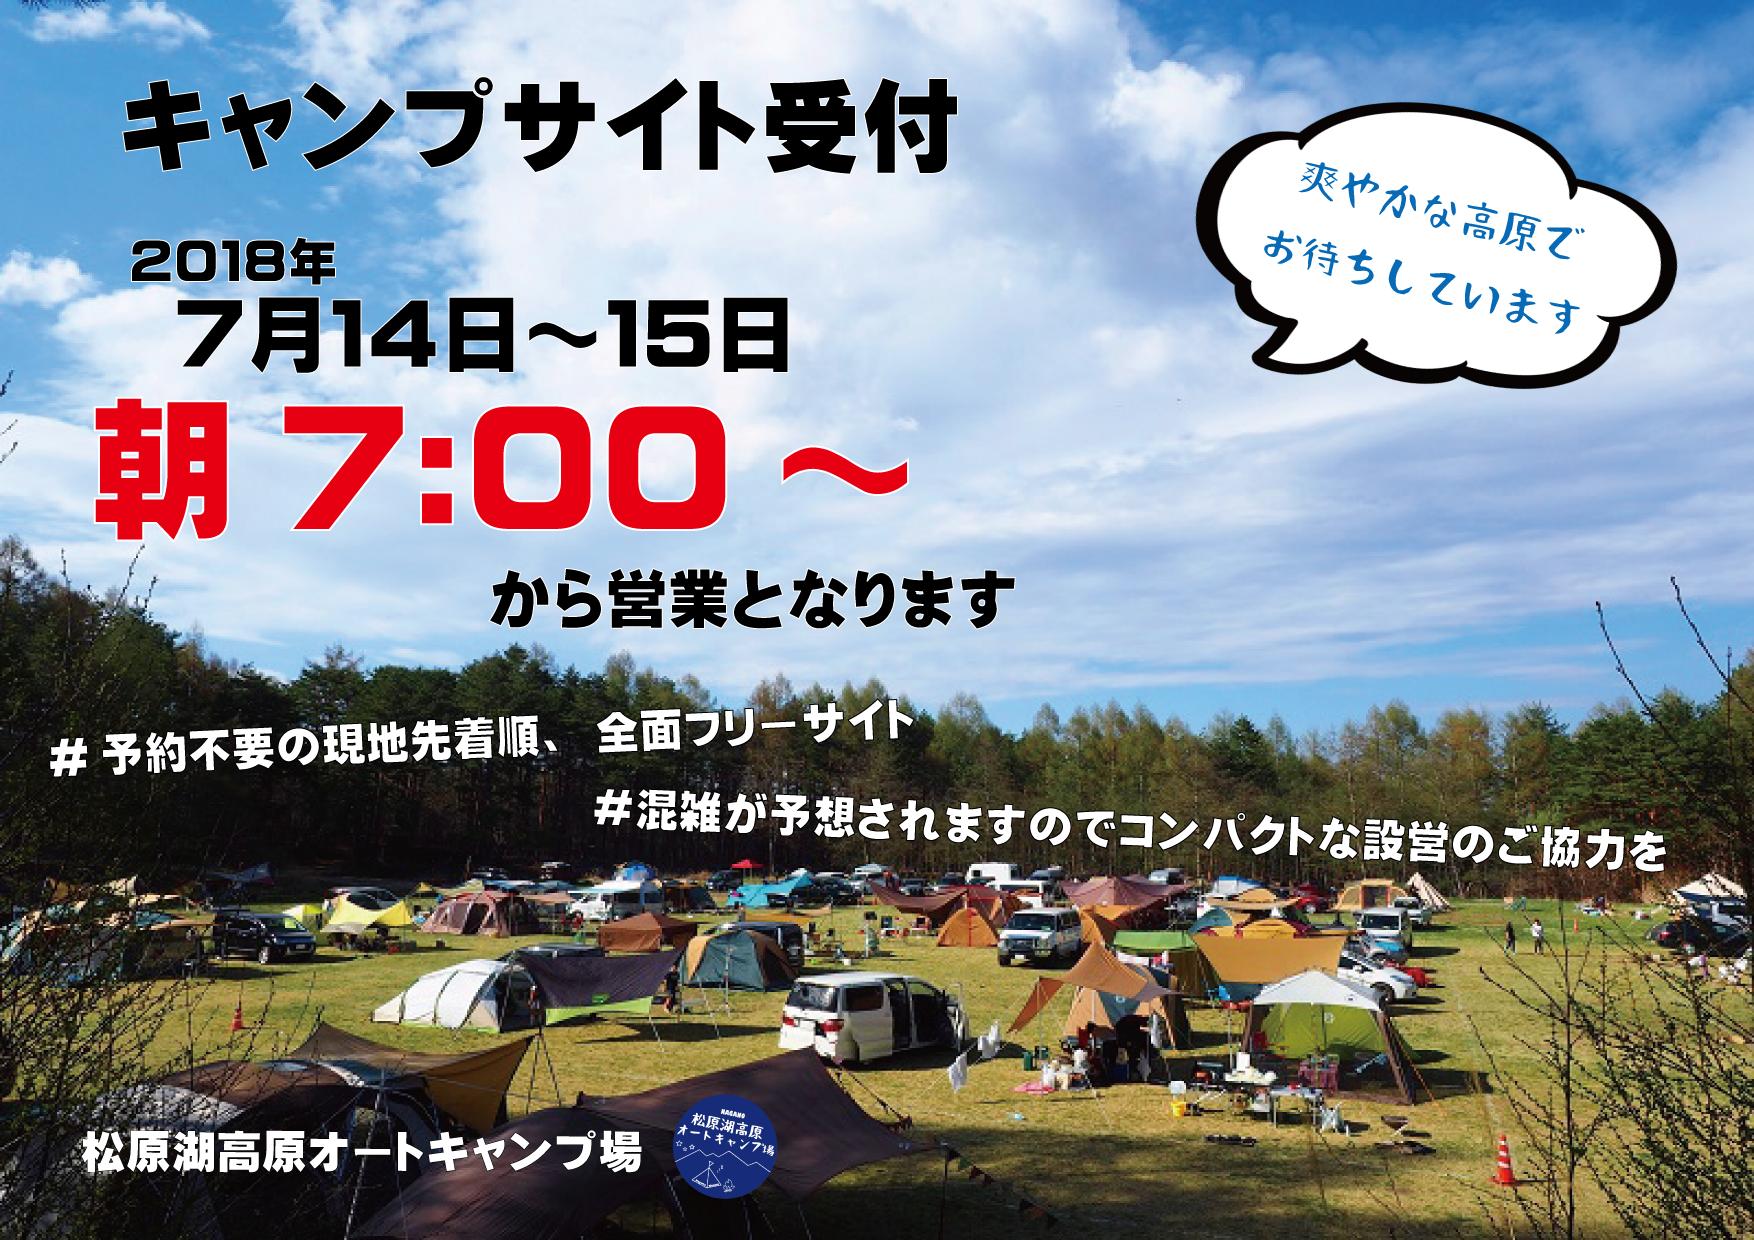 画像:7月連休時のキャンプサイトご利用について